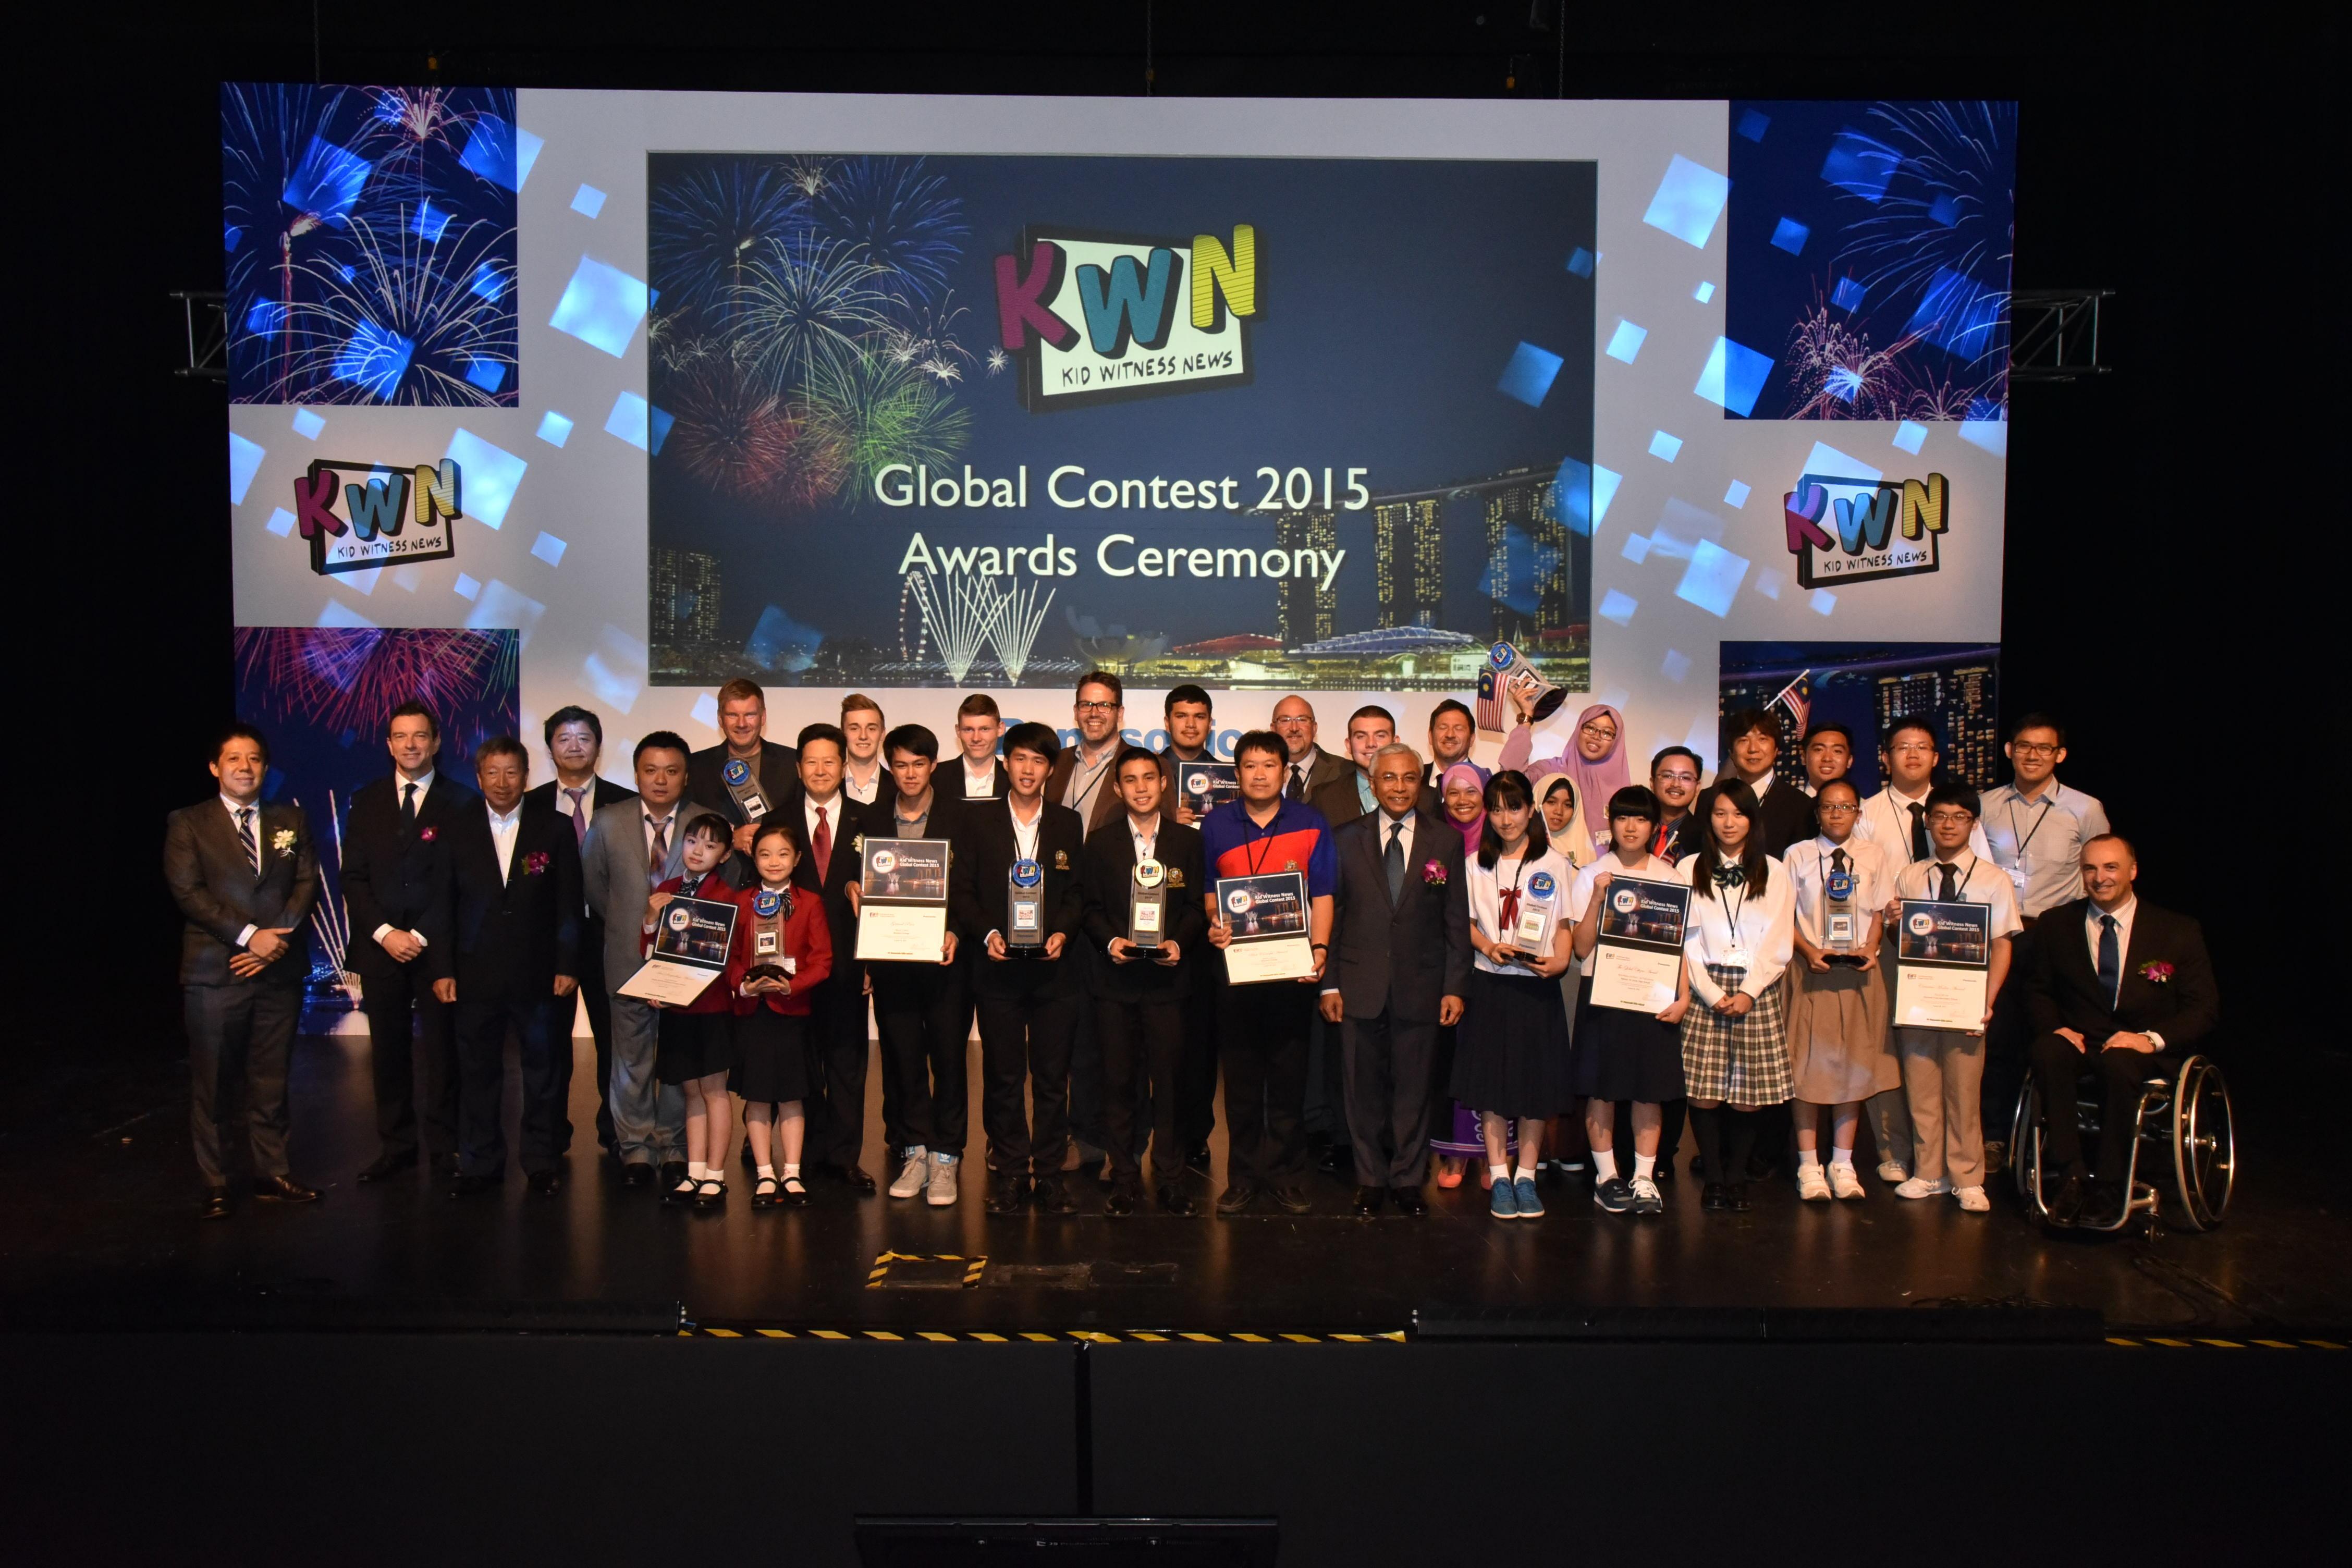 パナソニックKWNグローバルコンテスト2015 グランプリはタイの ...